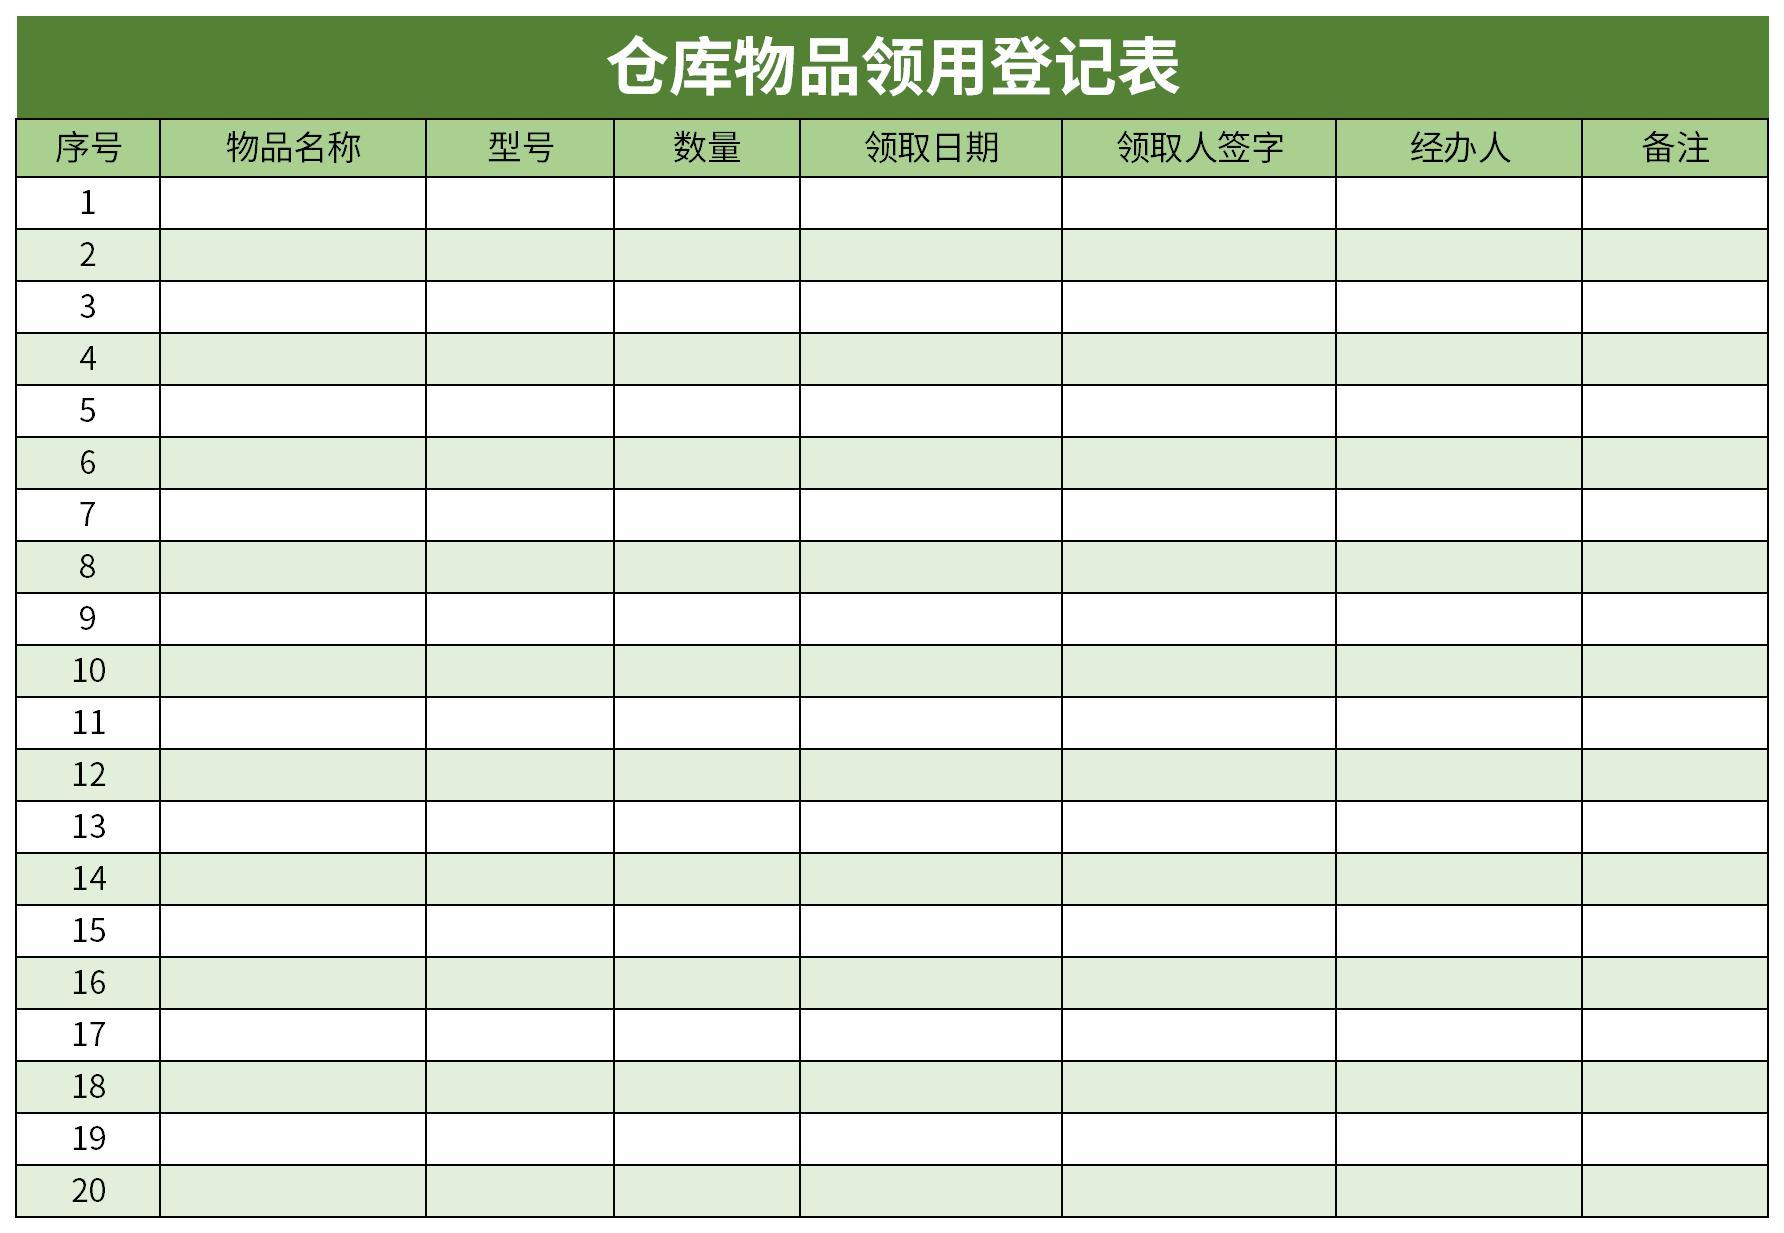 仓库物品领用登记表截图